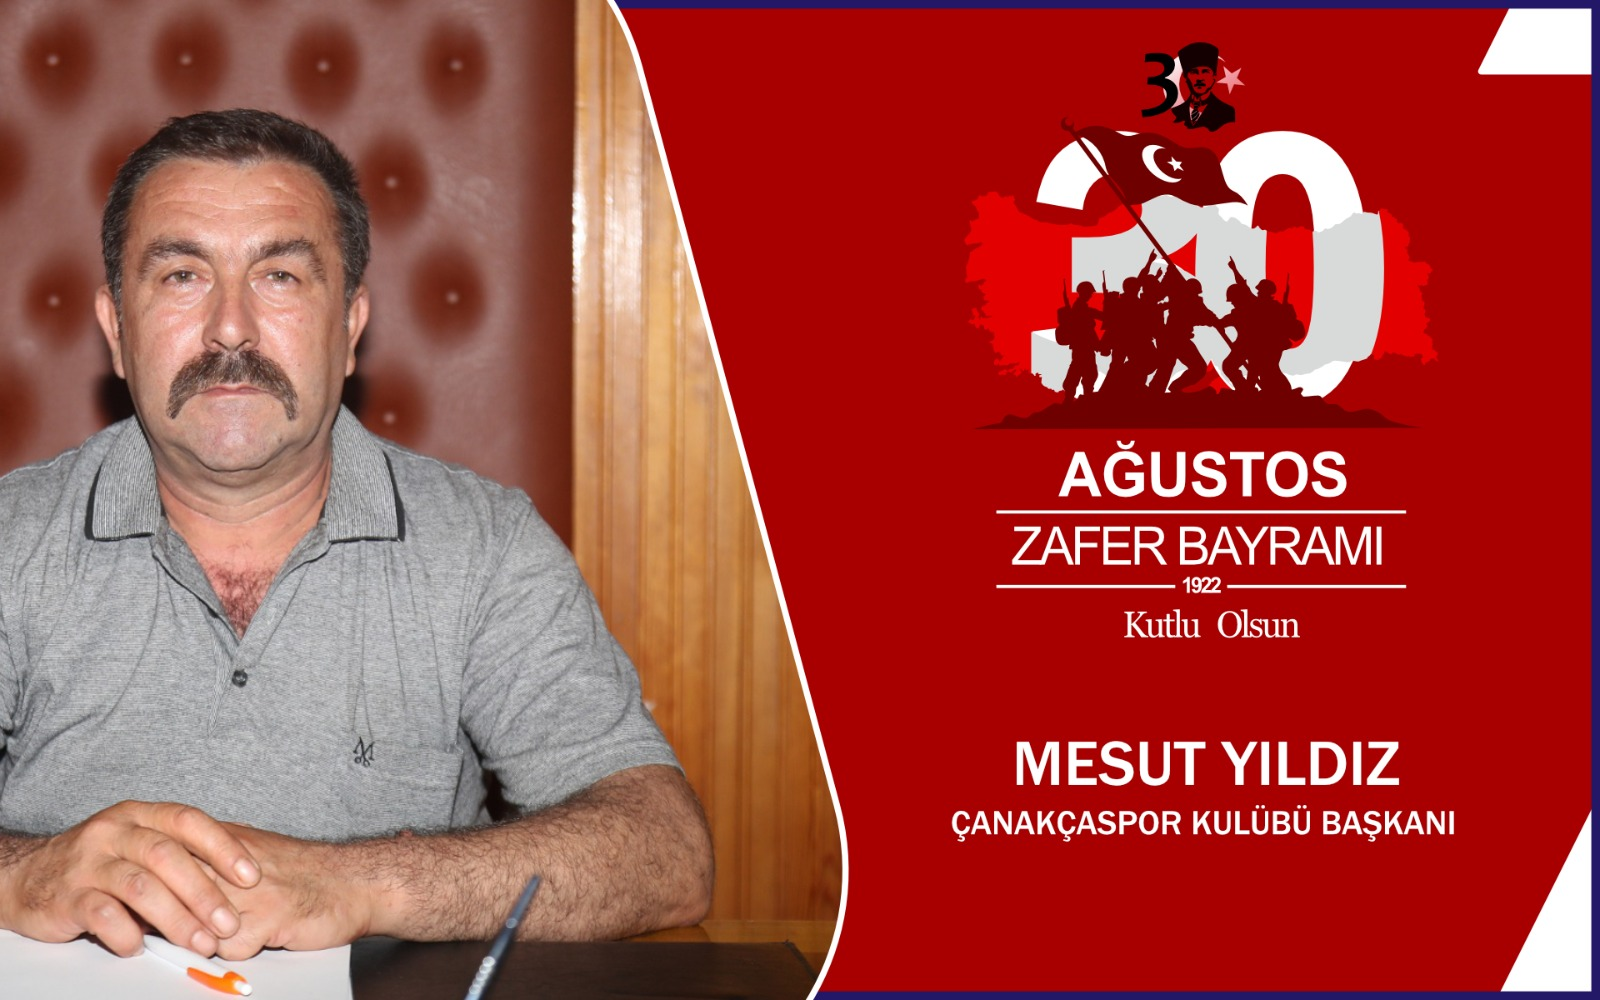 Çanakçaspor kulübü Başkanı Mesut Yıldız'dan 30 Ağustos Zafer Bayramı Mesajı